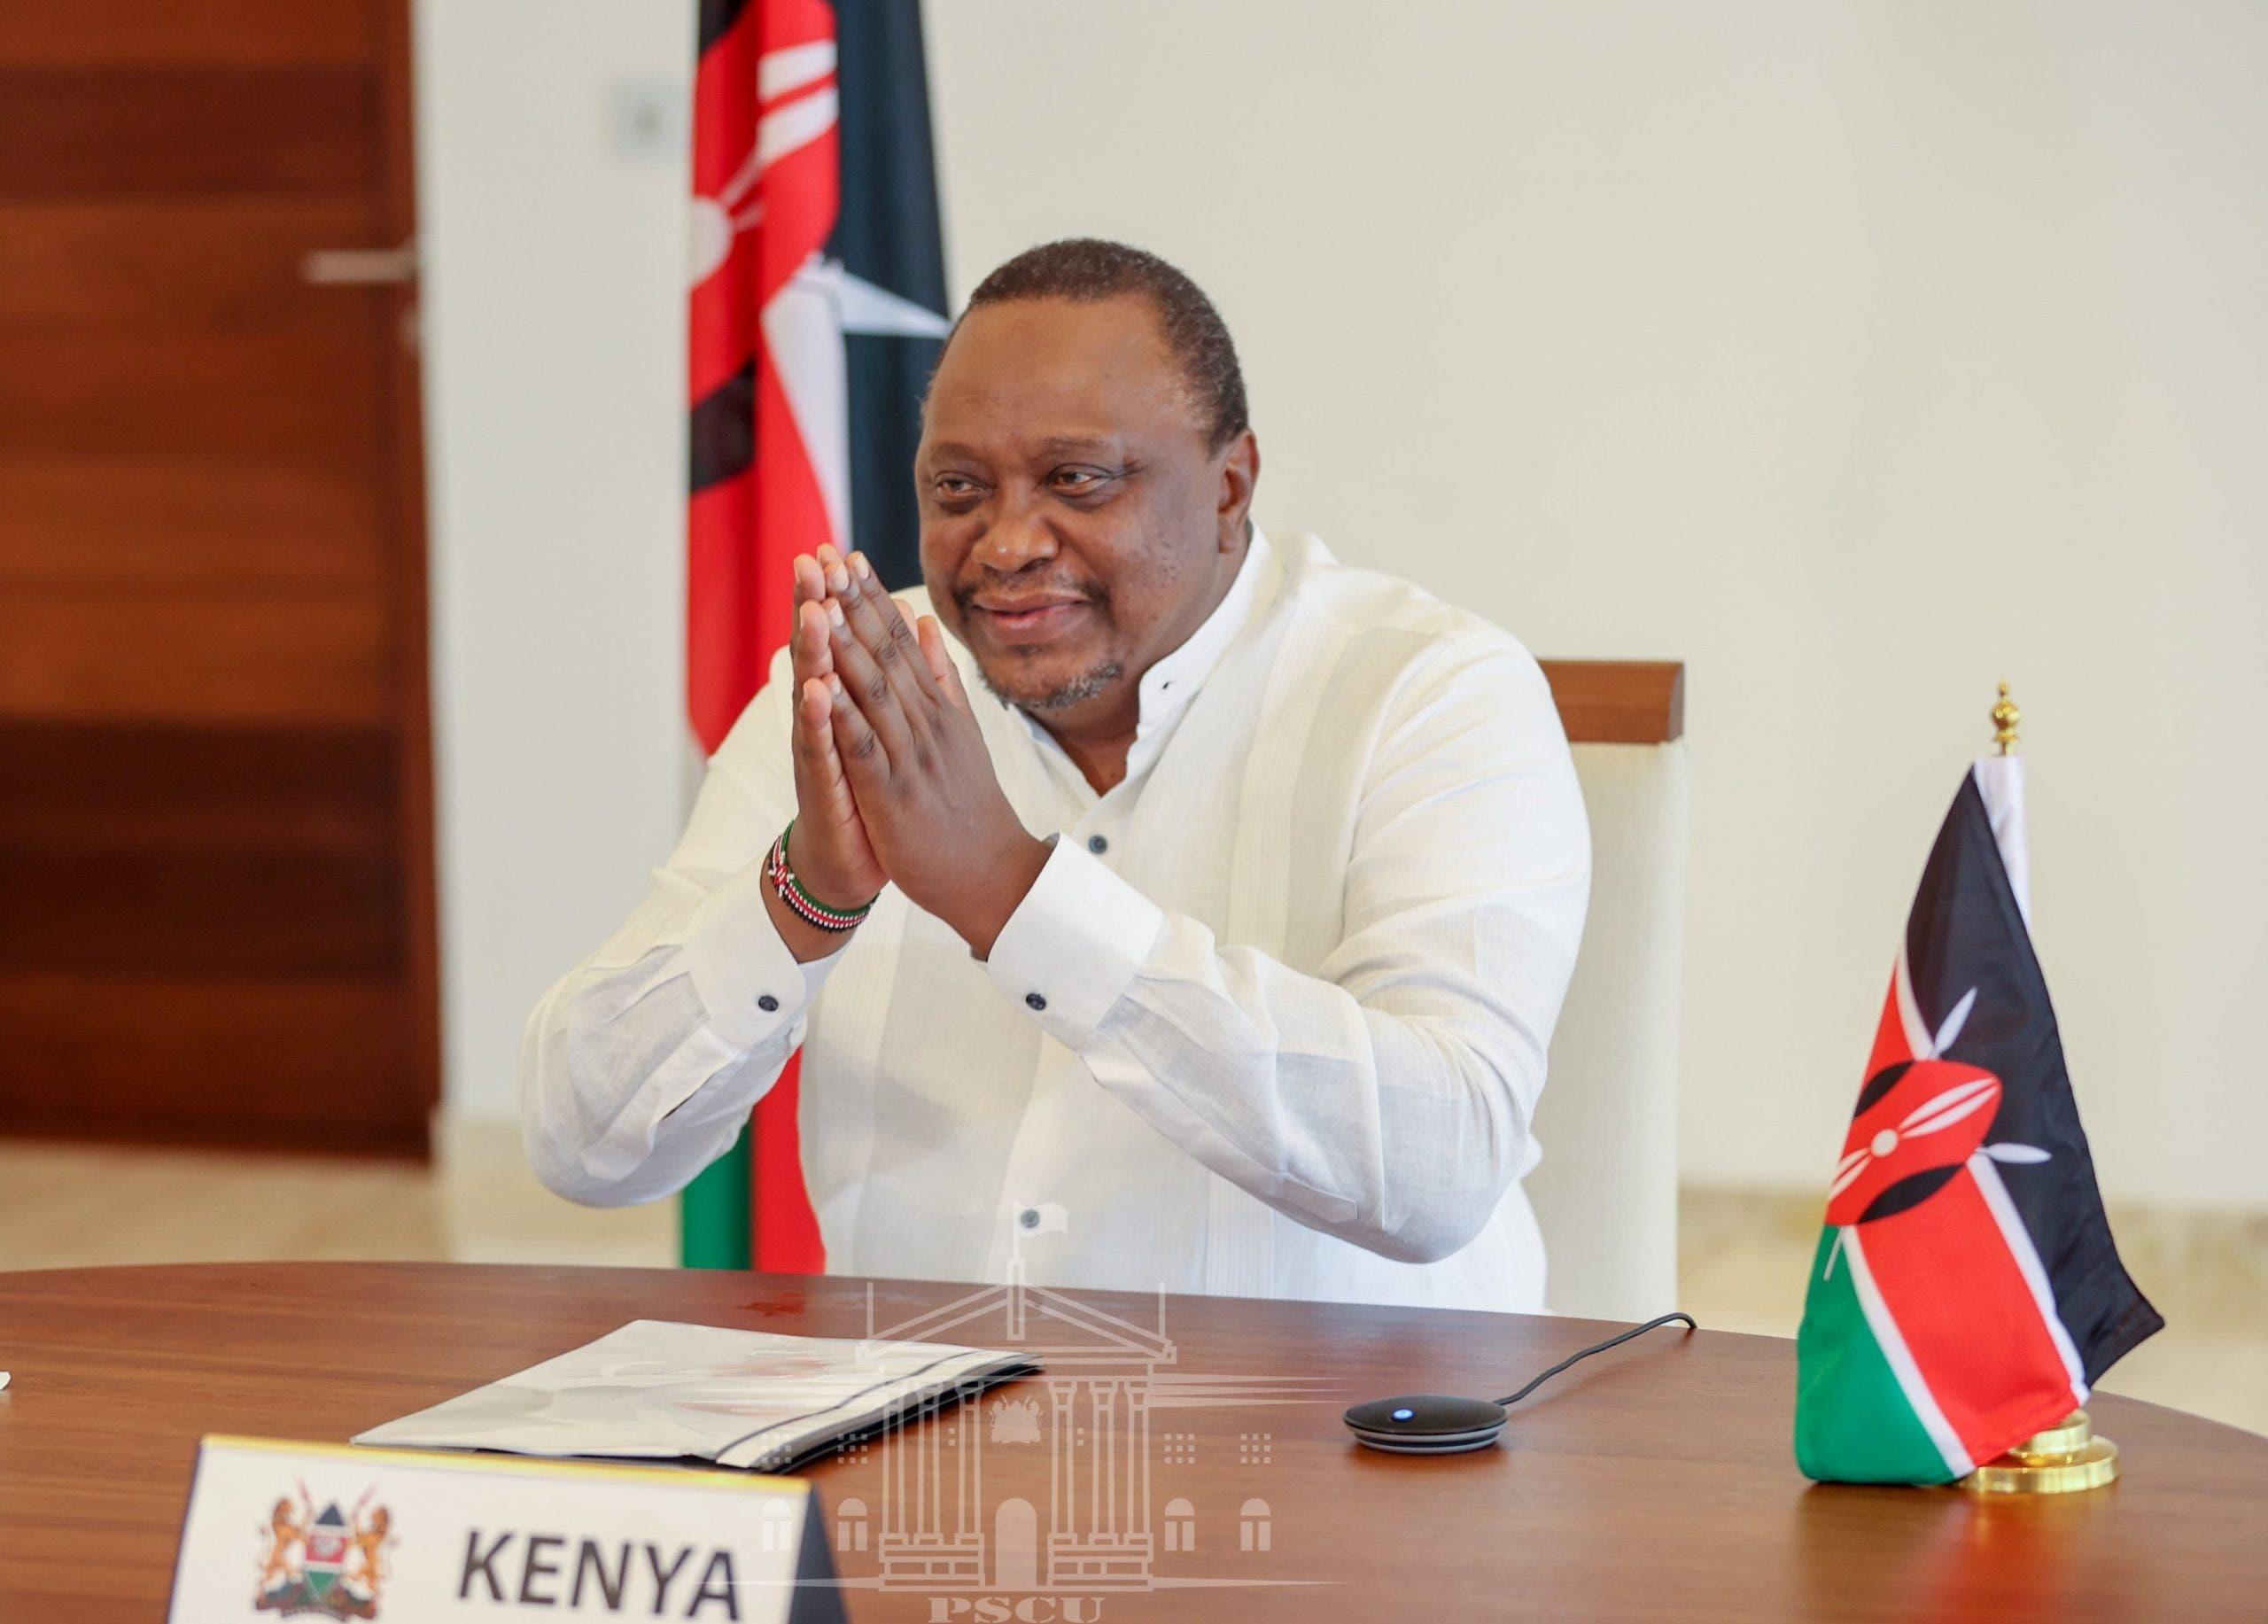 Qorshihii uu Uhuru Kenyatta ku noqon lahaa ra'iisul wasaare oo fashil la kulmay